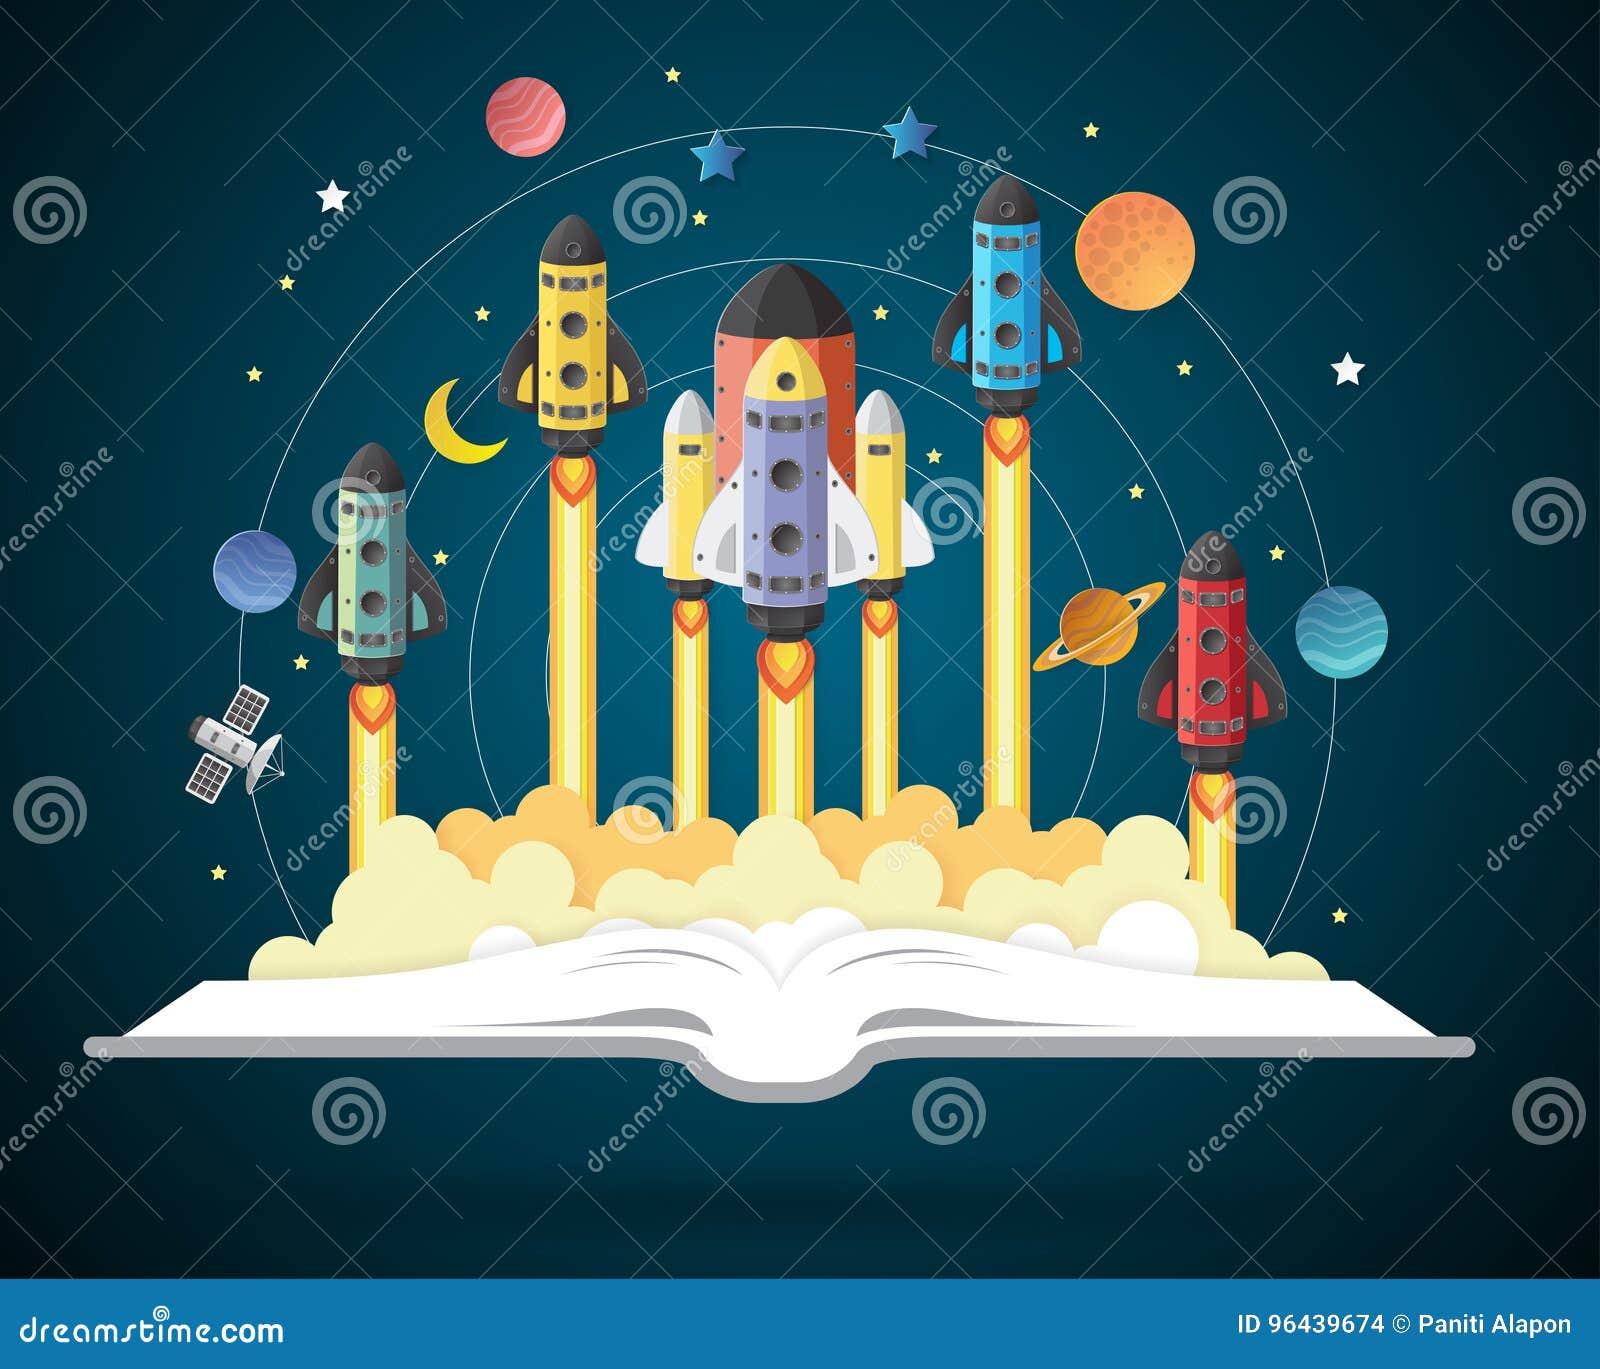 Open boek met zonnestelsel, ruimteveer, planeten, sterren